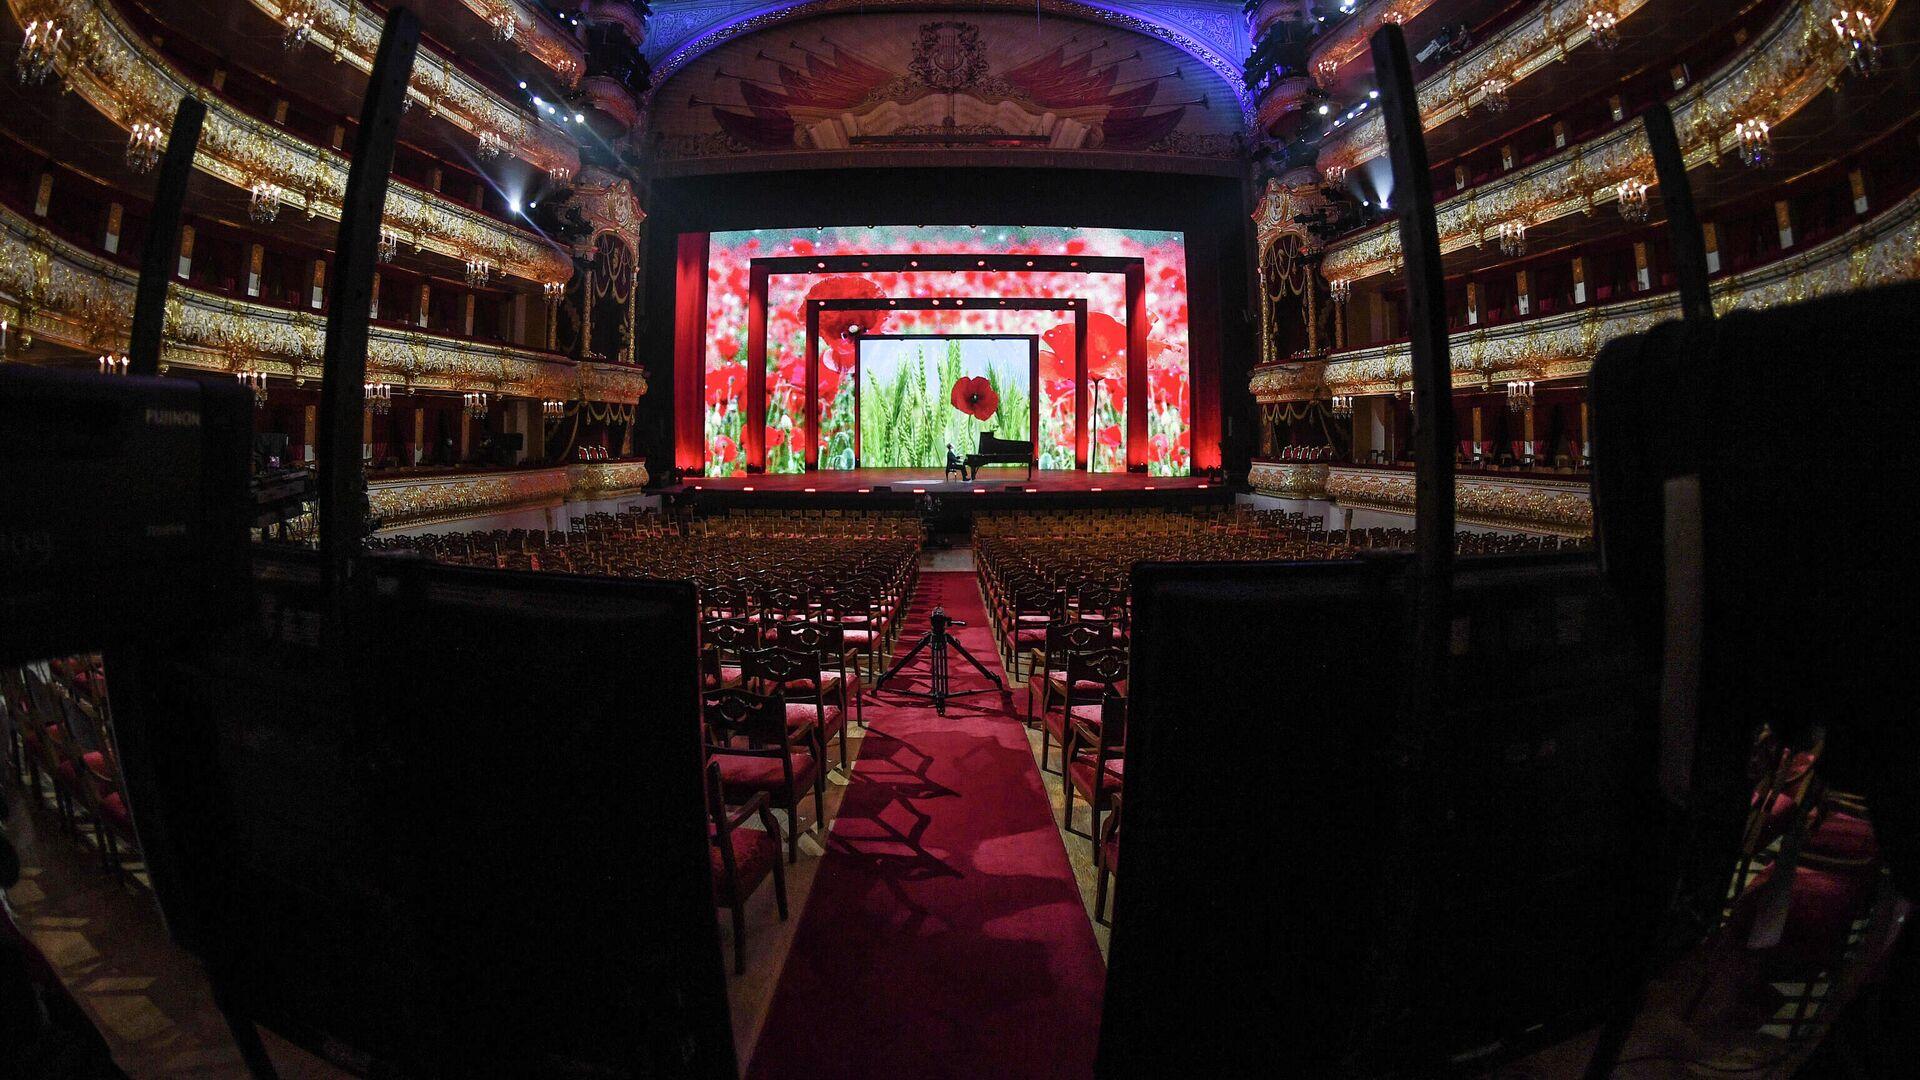 1586926348 0:320:3072:2048 1920x0 80 0 0 0f3b9cc17c84c89fb56cb28b16a9b2b0 - Московские музеи и театры начали работать в новых условиях